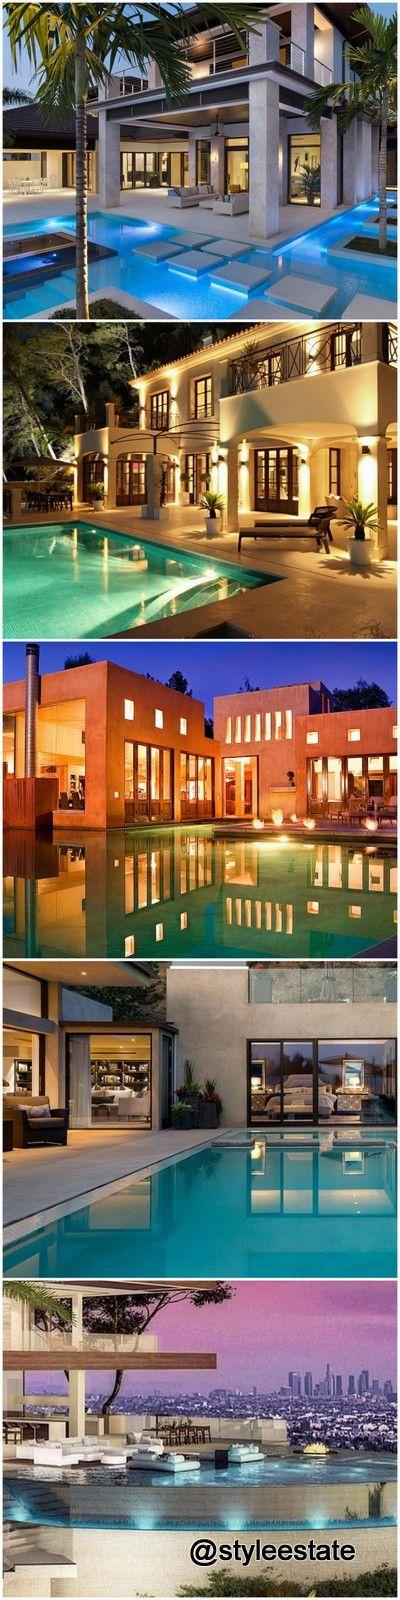 #luxury #swimmingpools #mansions